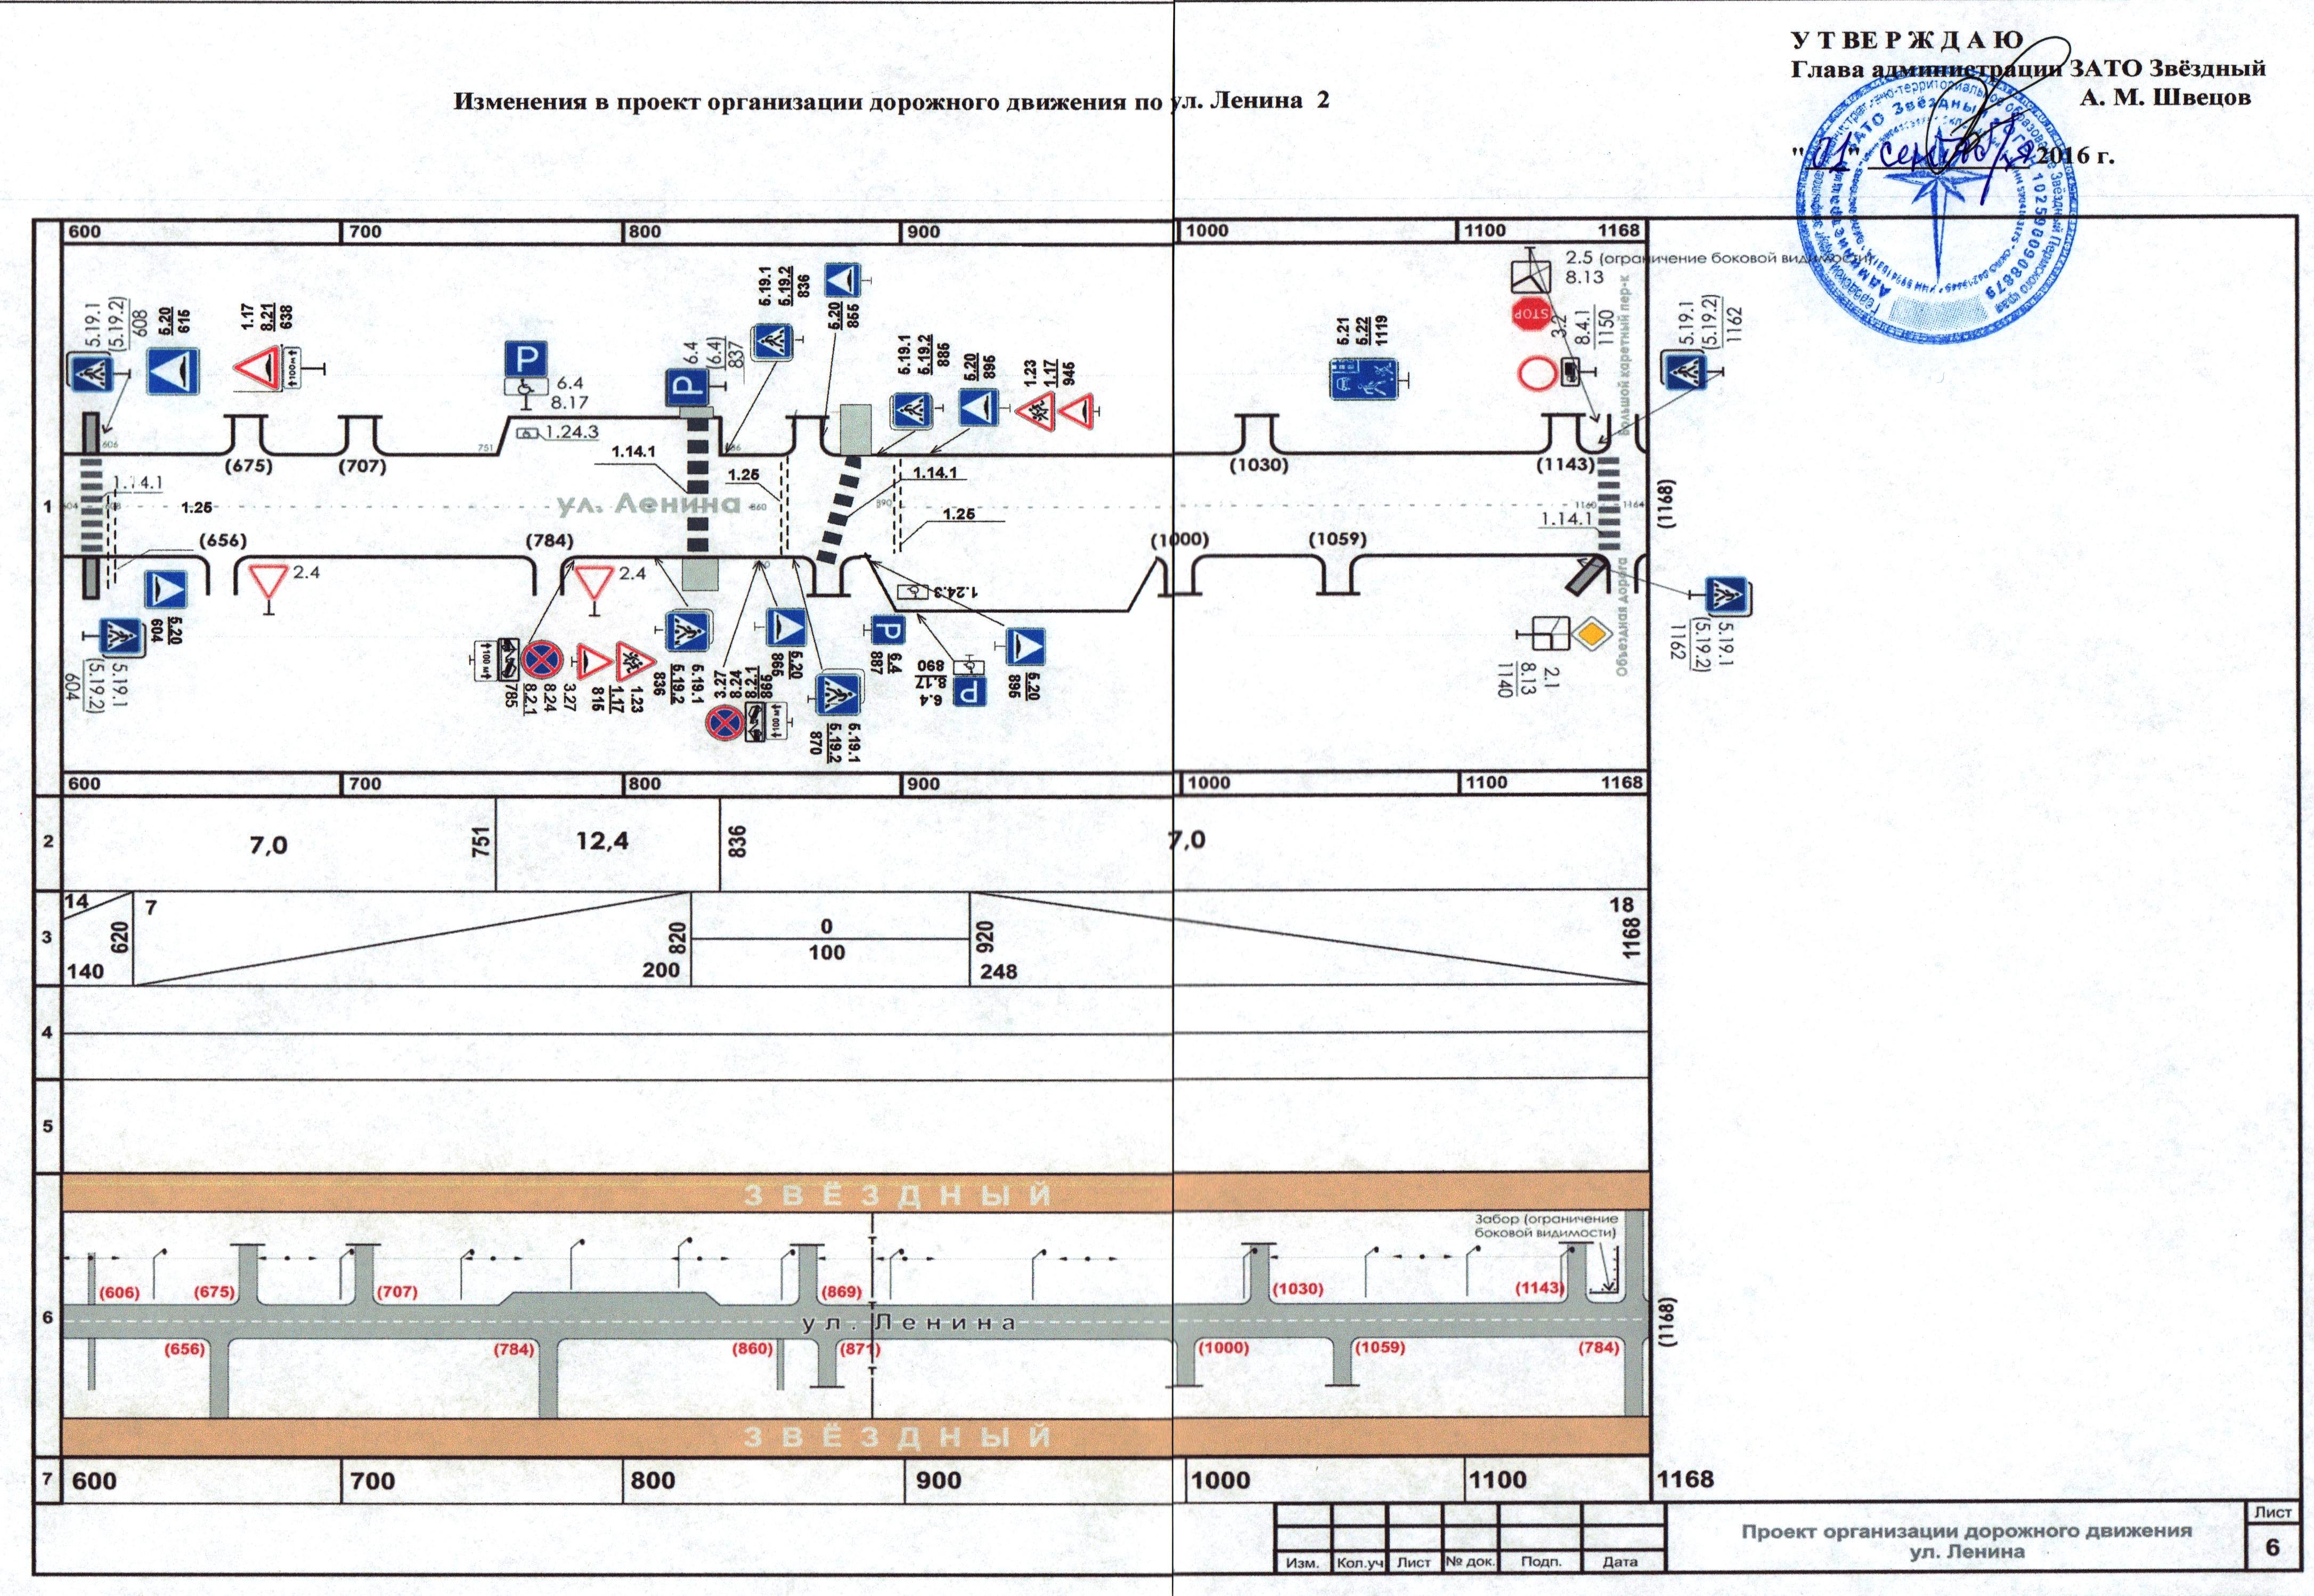 схема производства дорожного движения при производстве